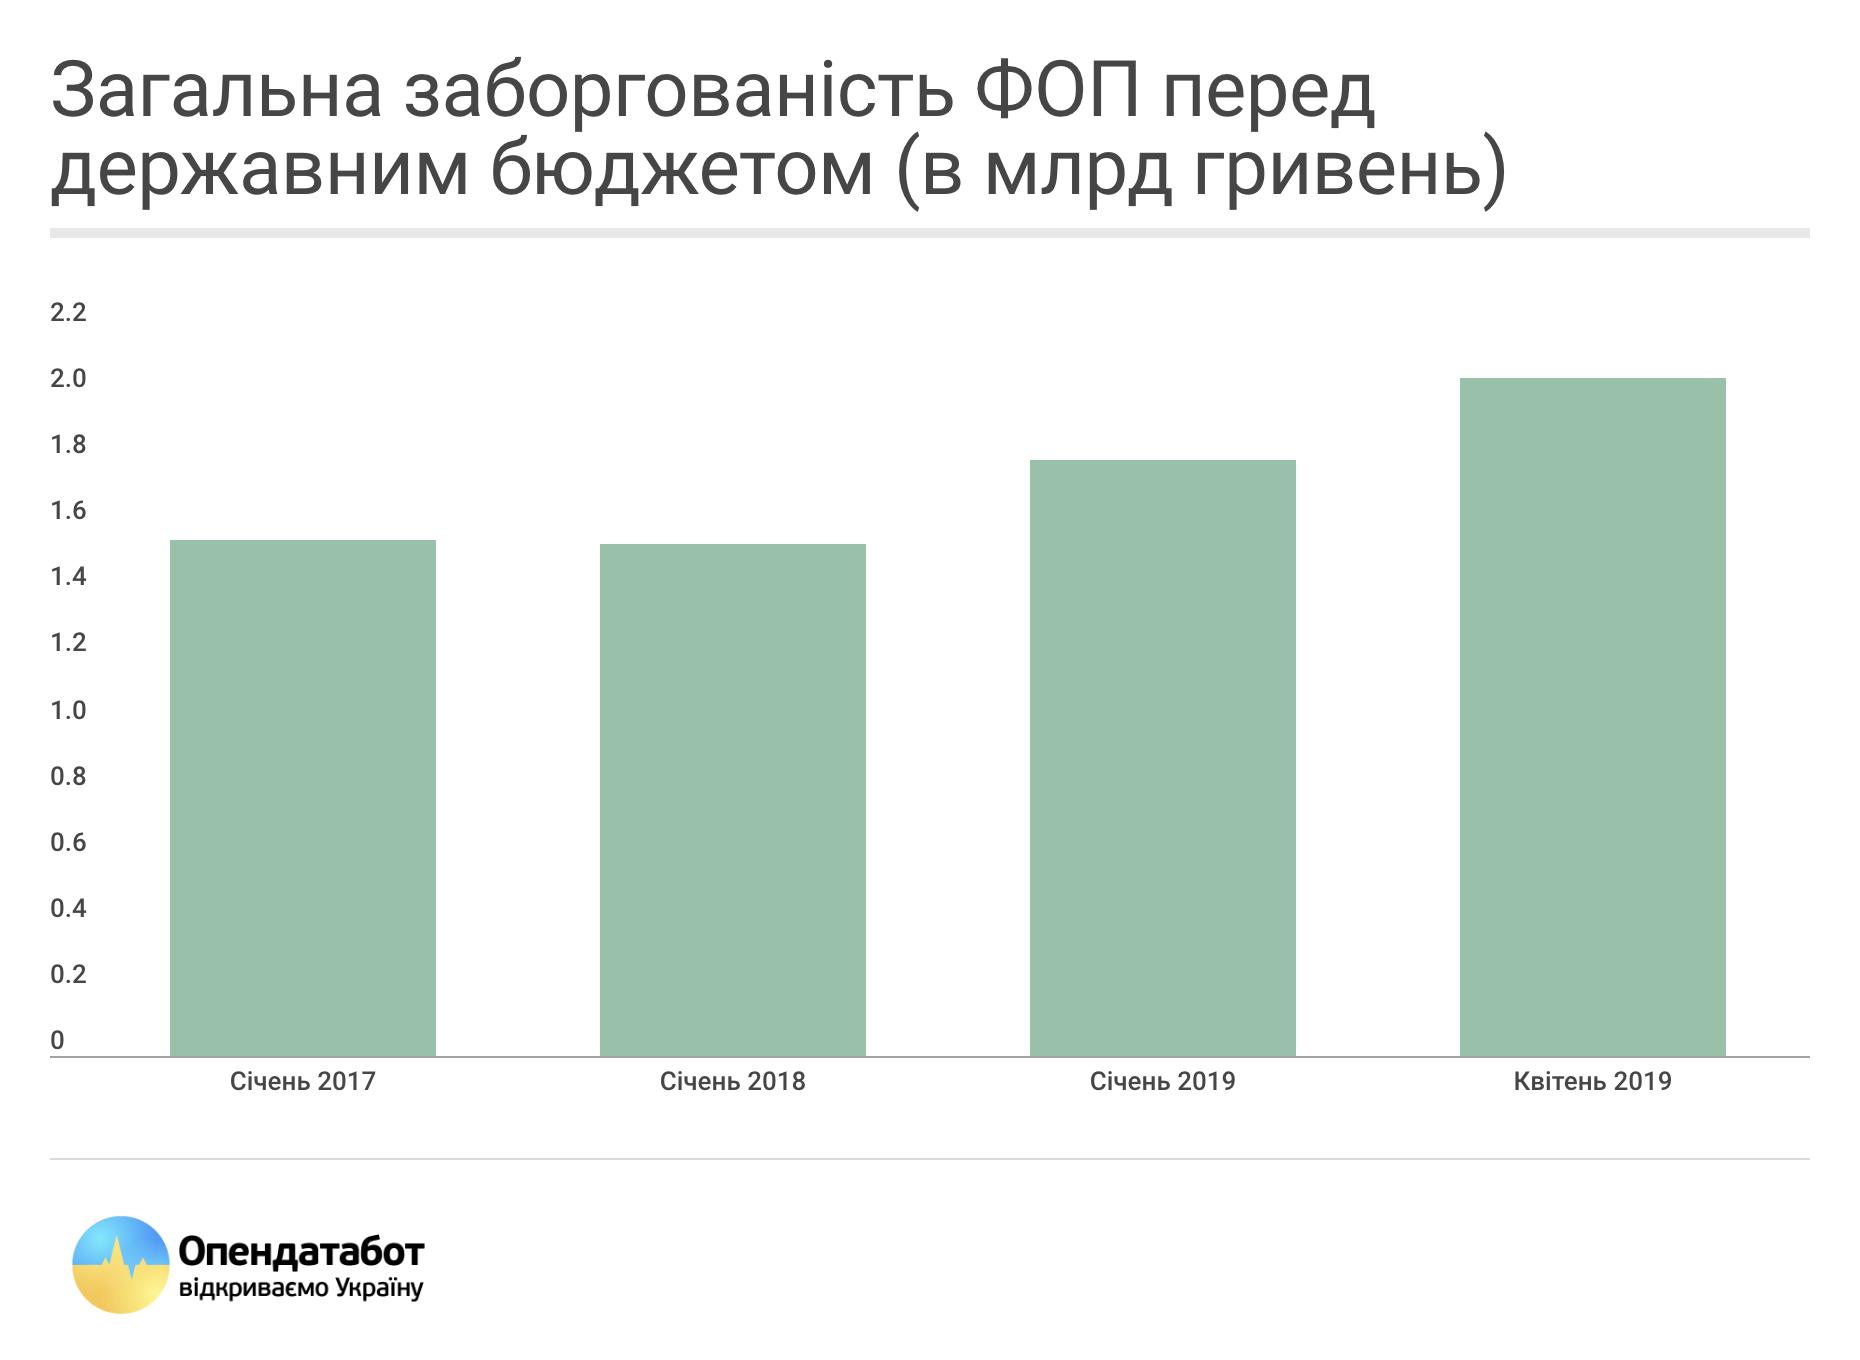 Команда Зеленського пропонує списати у ФОП на 5 млрд гривень  більше боргів, ніж потрібно, — Опендатабот